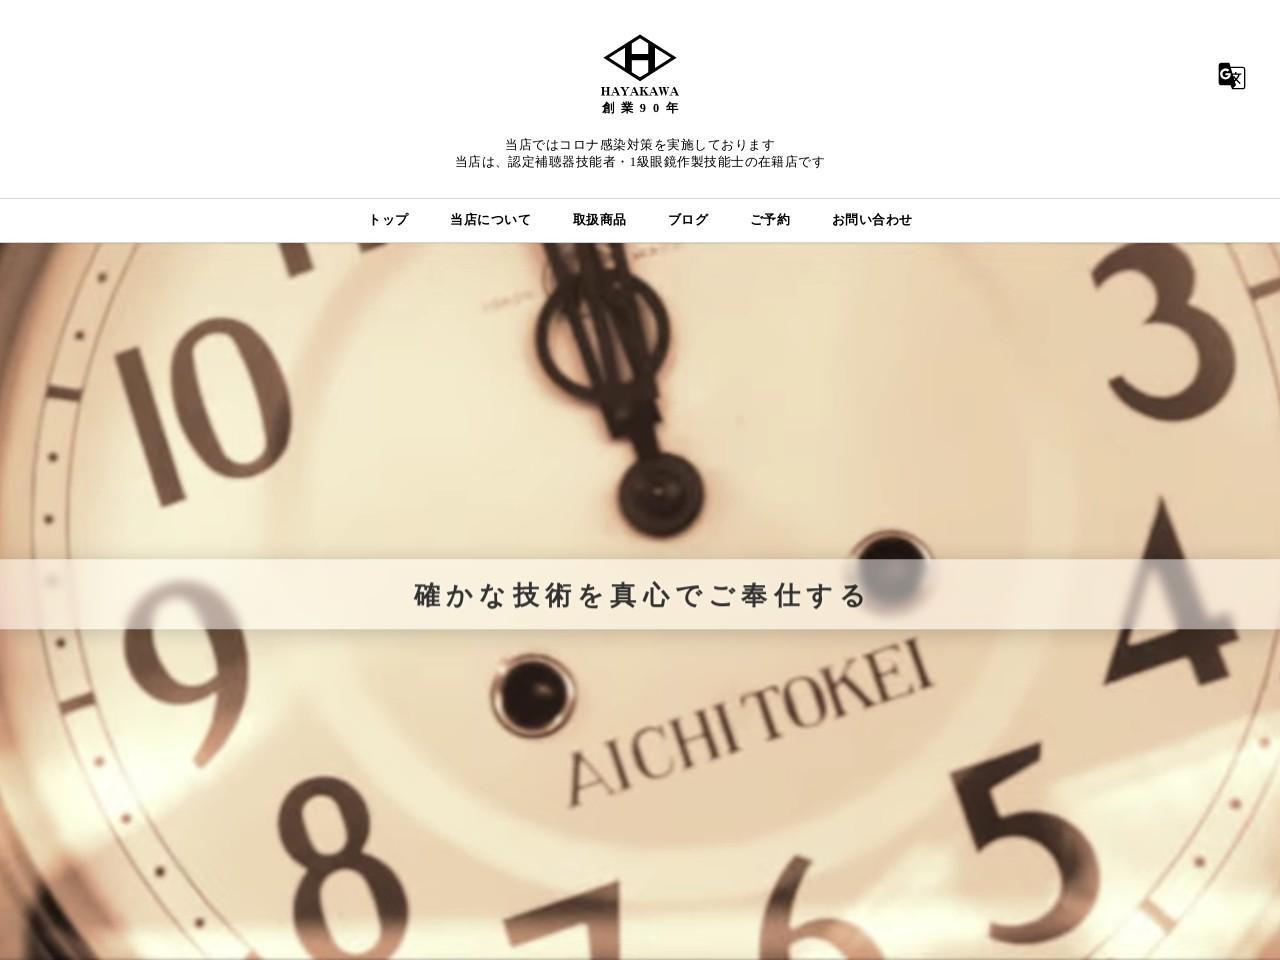 早川時計店